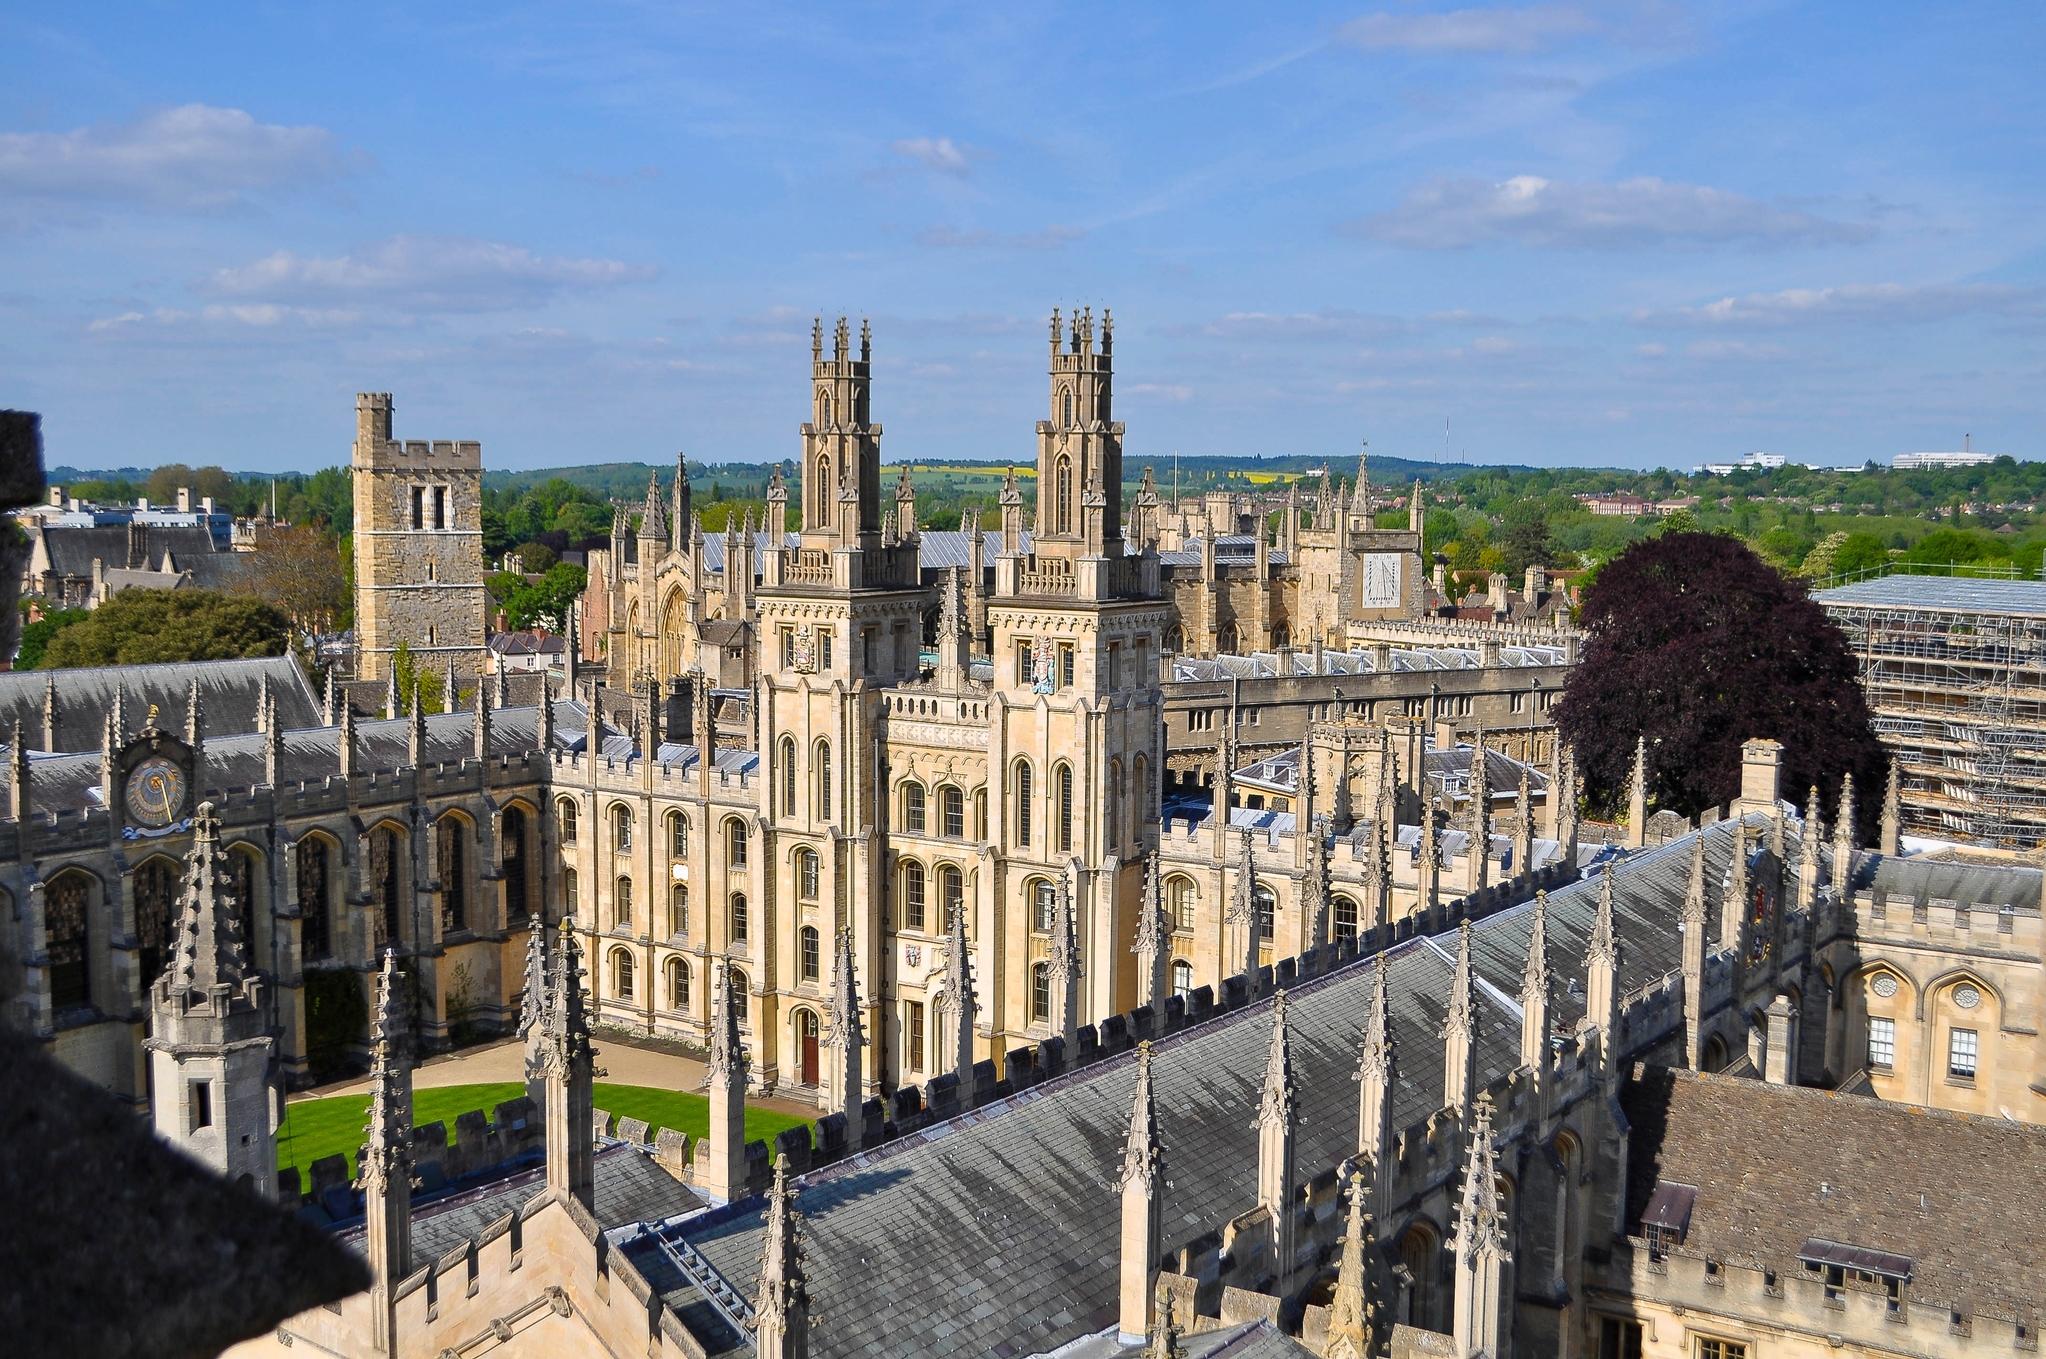 İngiltere Eğitim İngiliz Üniversiteleri - Camdridge - Oxford